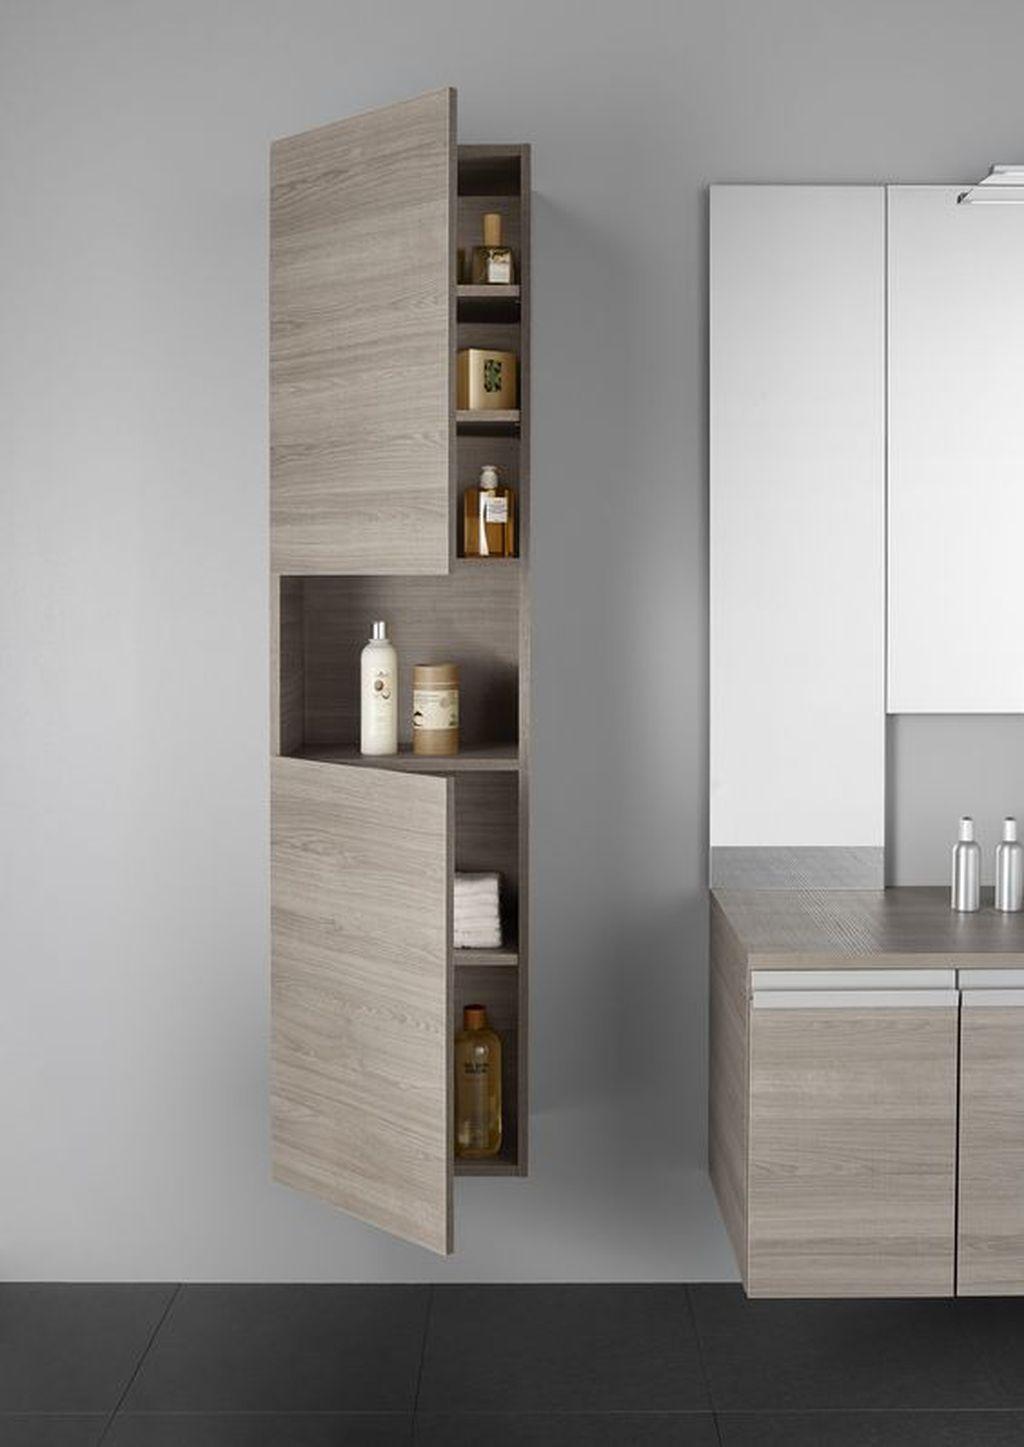 Amazing Small Bathroom Storage Ideas On A Budget Bathroom Furniture Storage Diy Bathroom Storage Bathroom Storage Cabinet